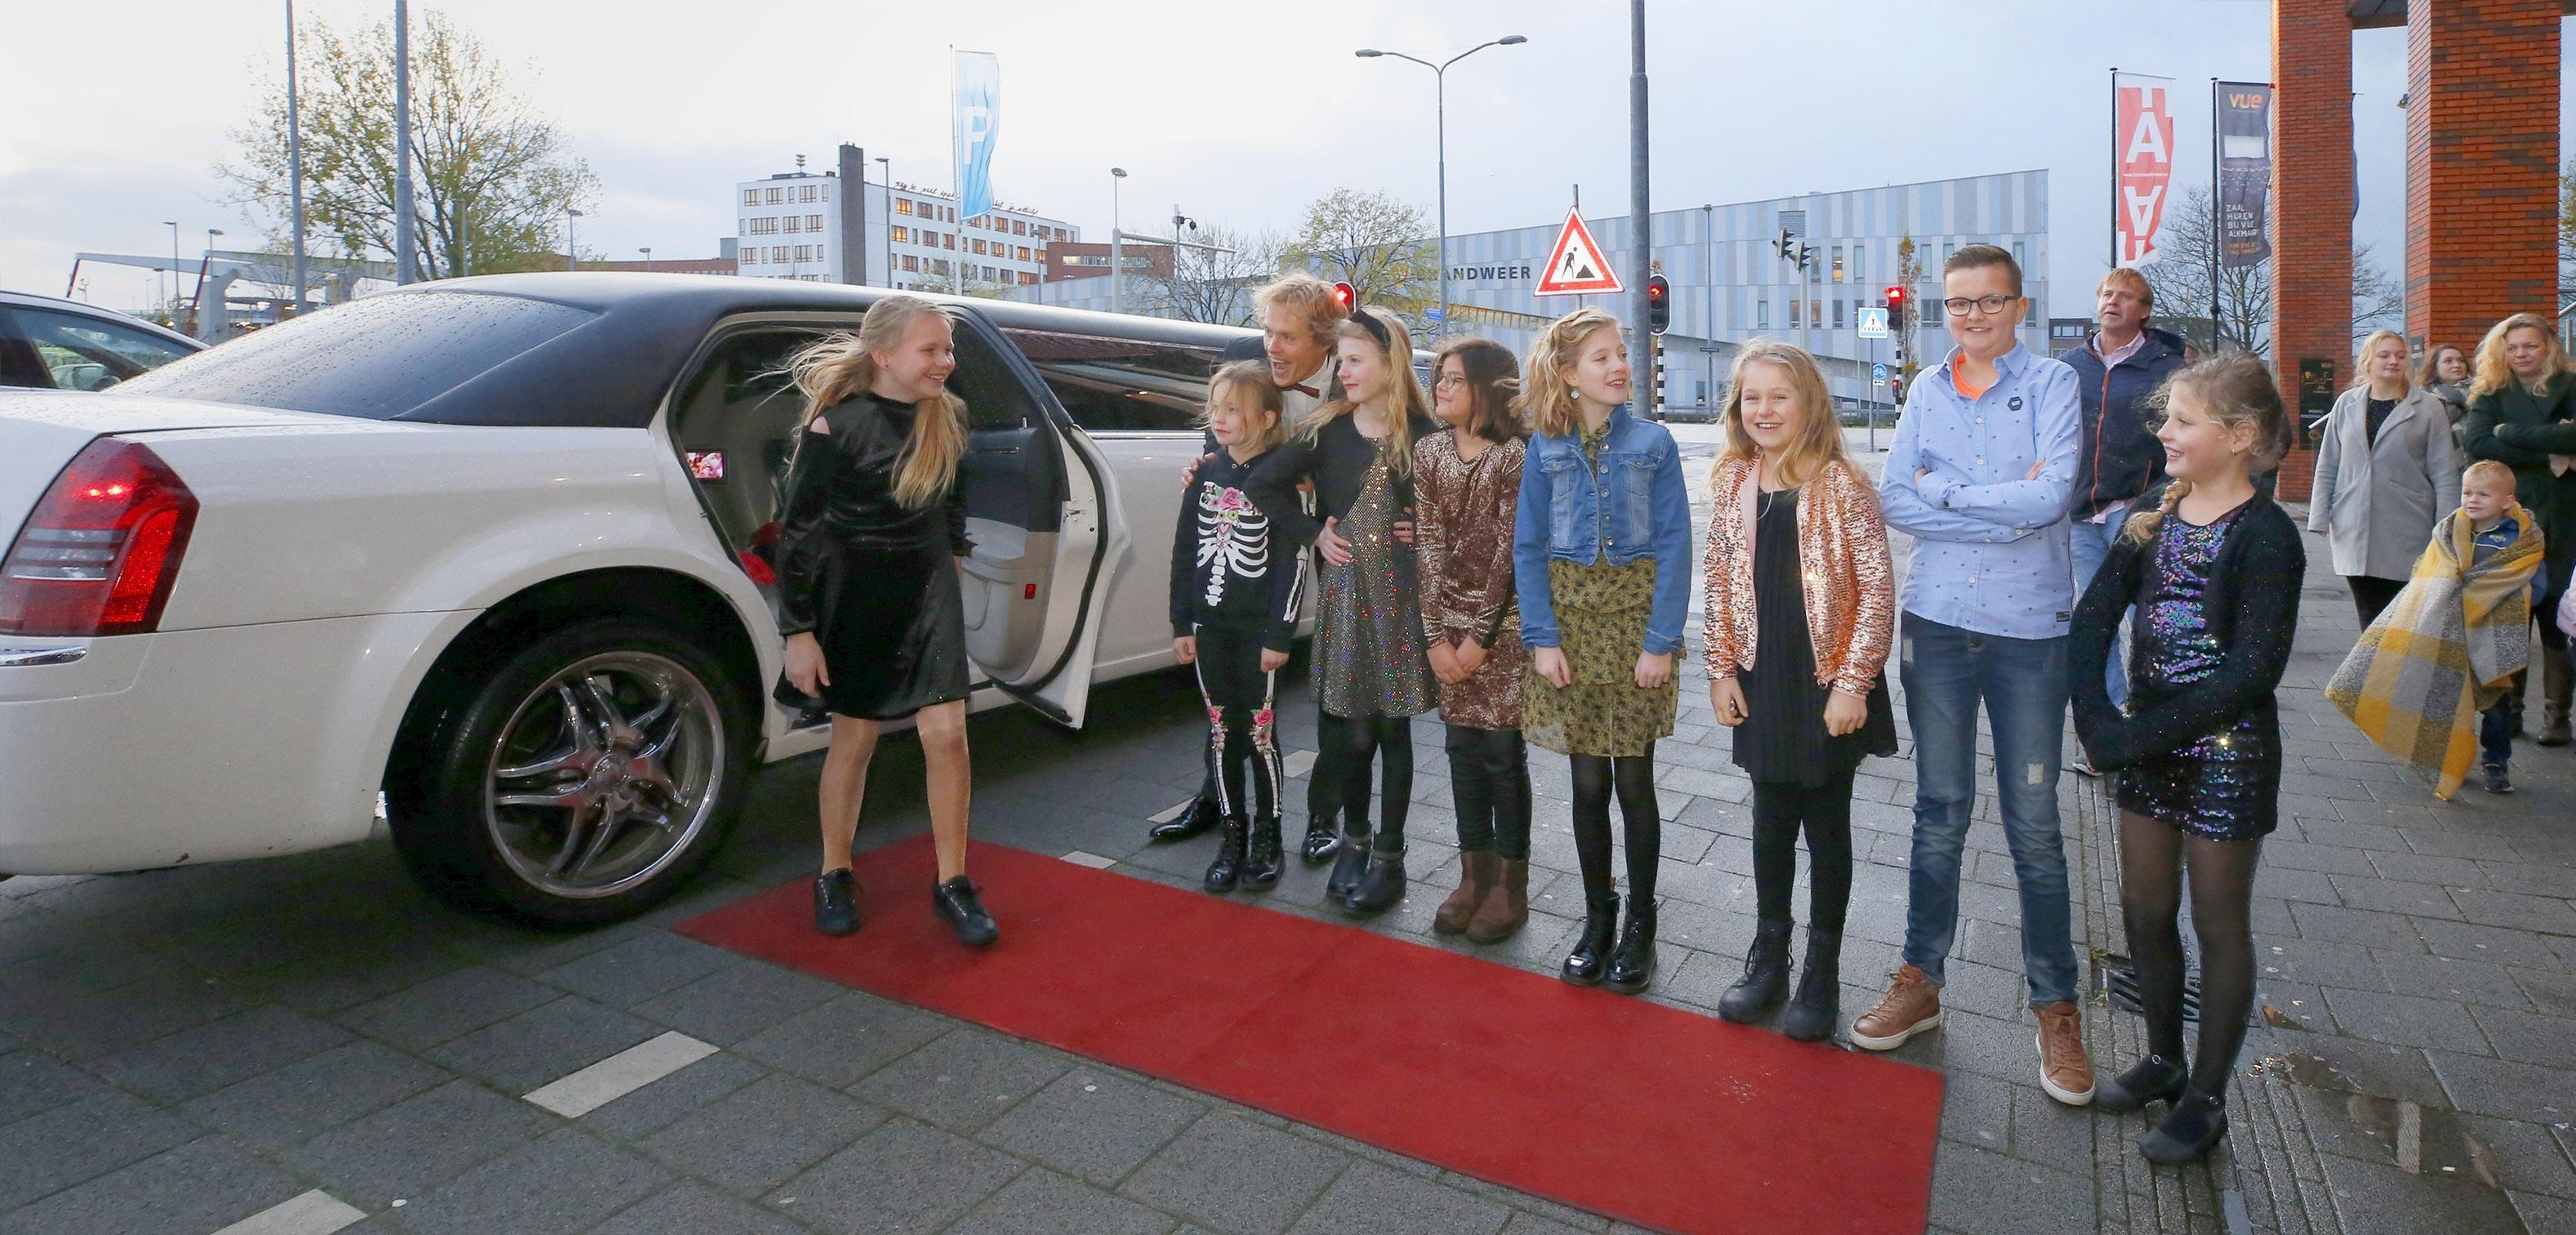 Kindervriend II van St. Barbaraschool uit Tuitjenhorn is de eerste van zeven WDO-premières in Vue Alkmaar - Noordhollands Dagblad